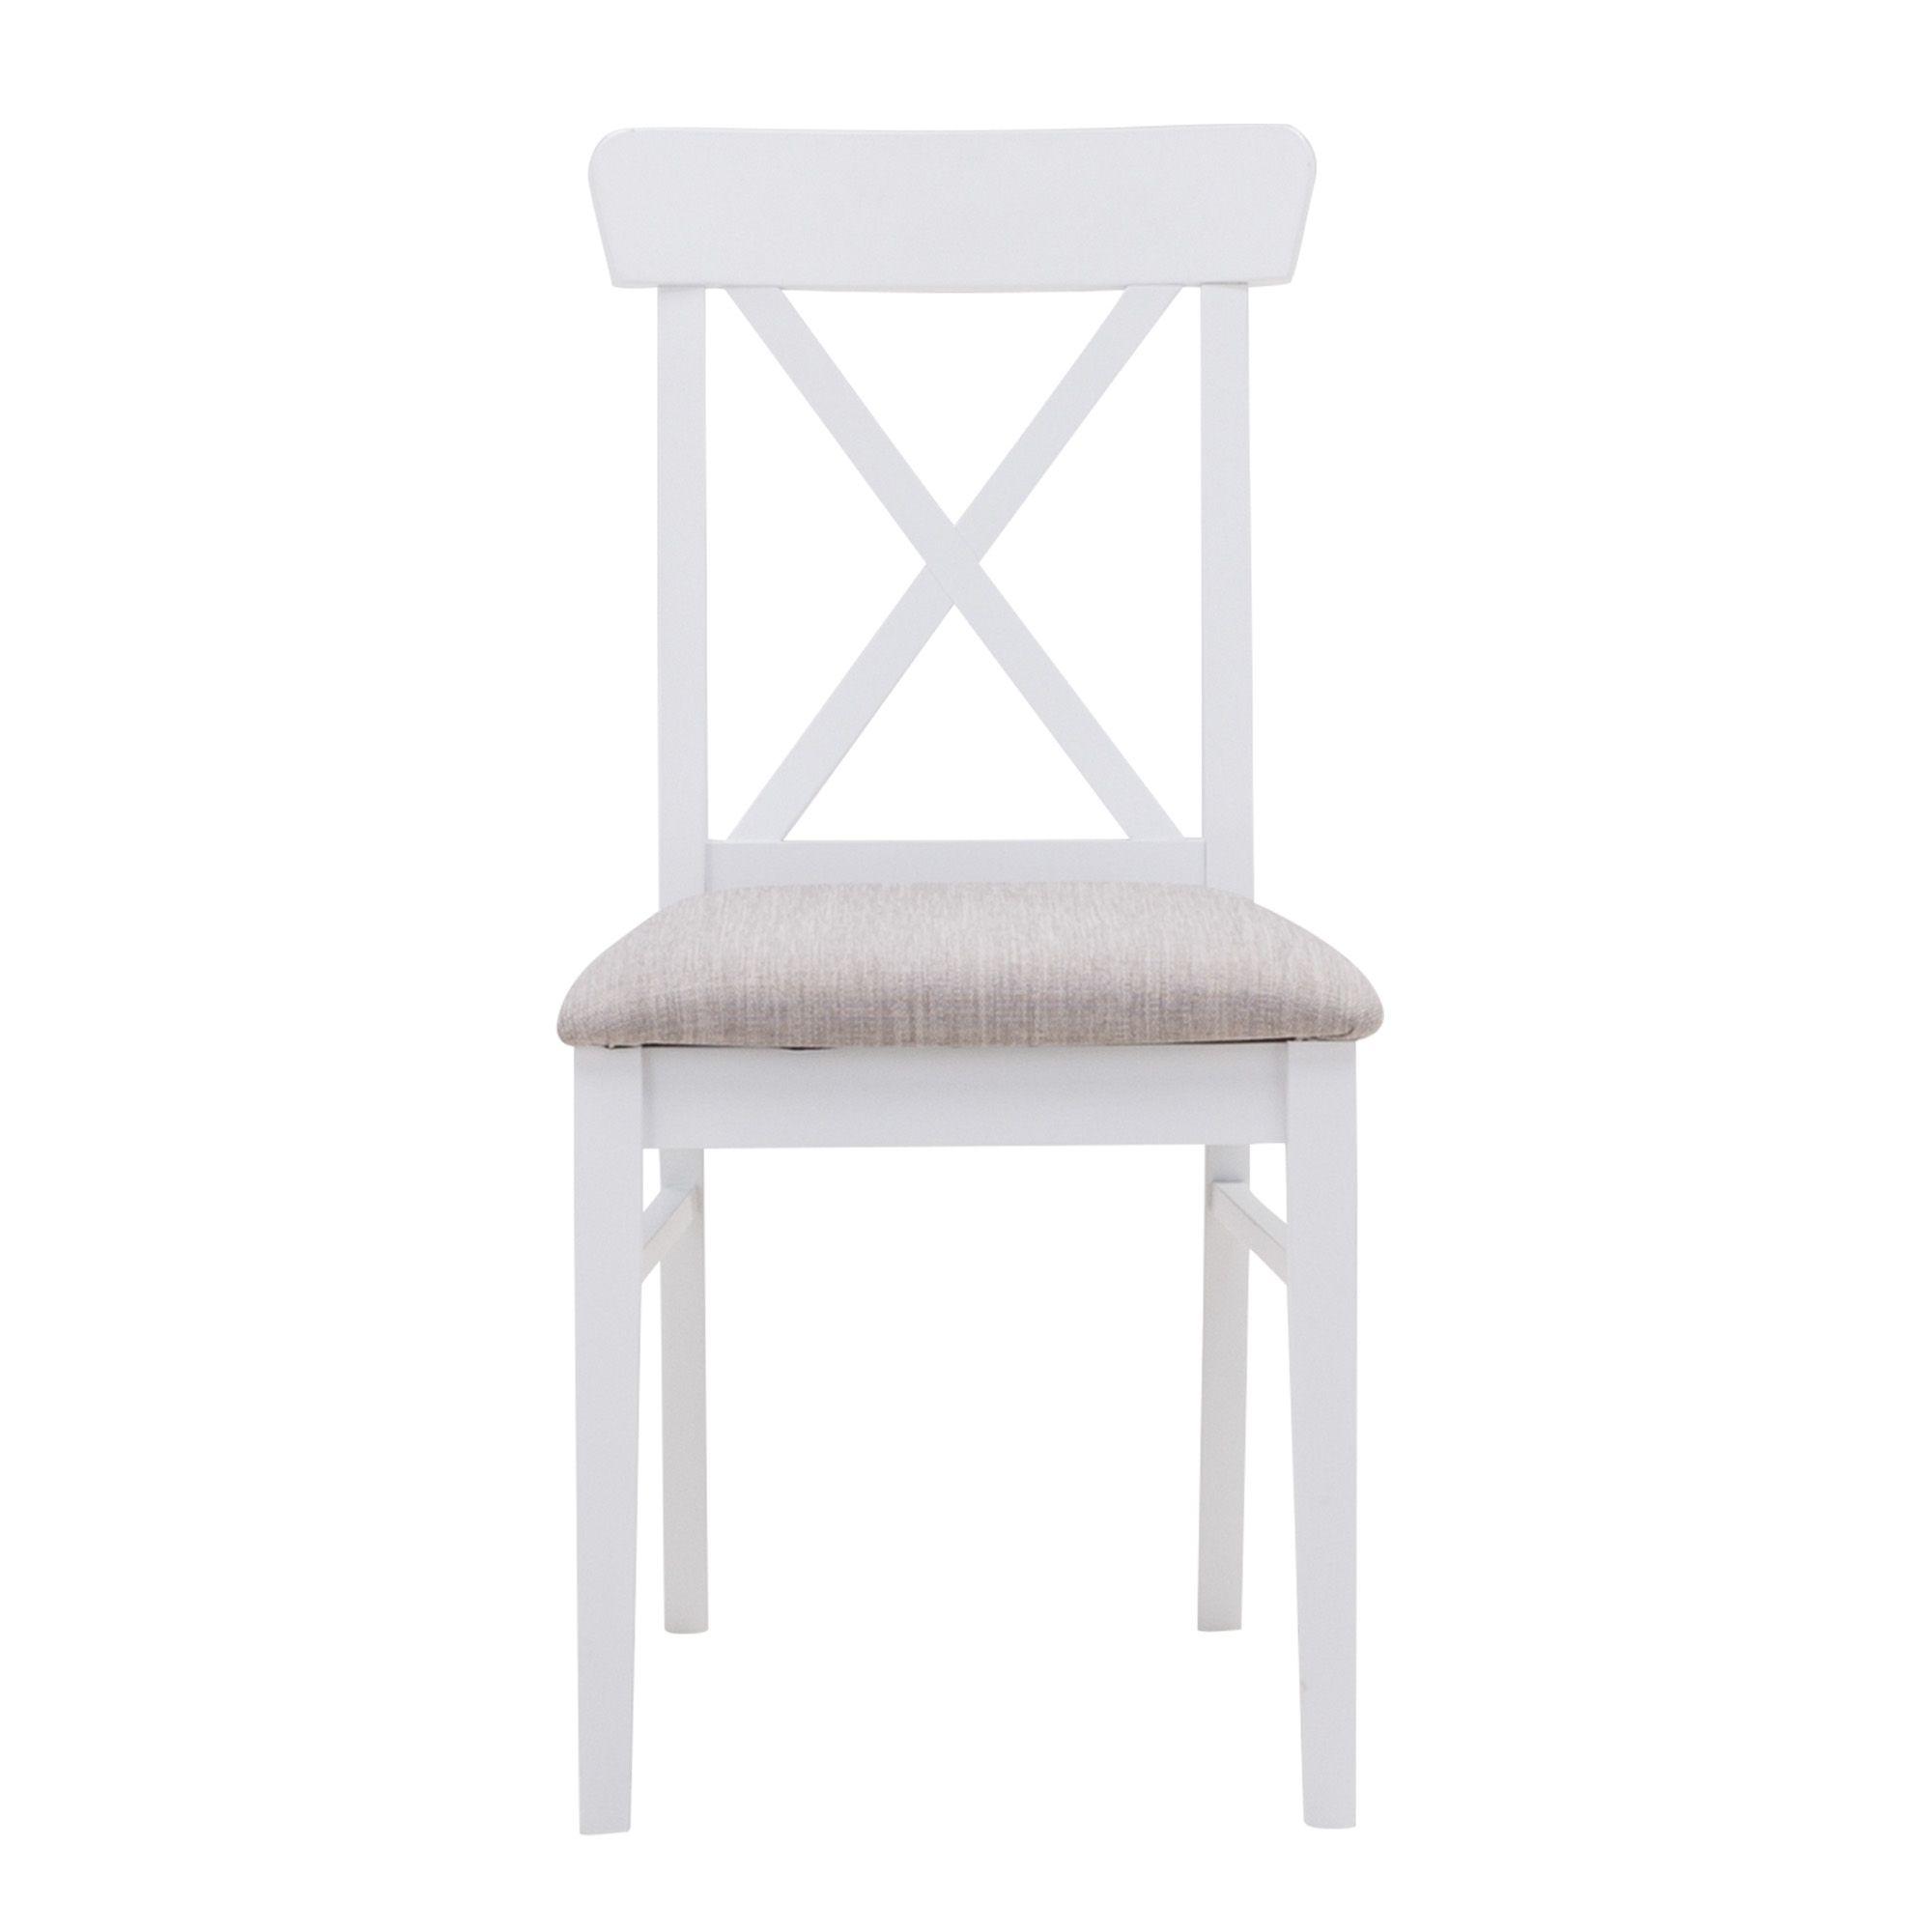 Zastawa Stołowa Krzesło New Retro W Sklepie Agata Meble